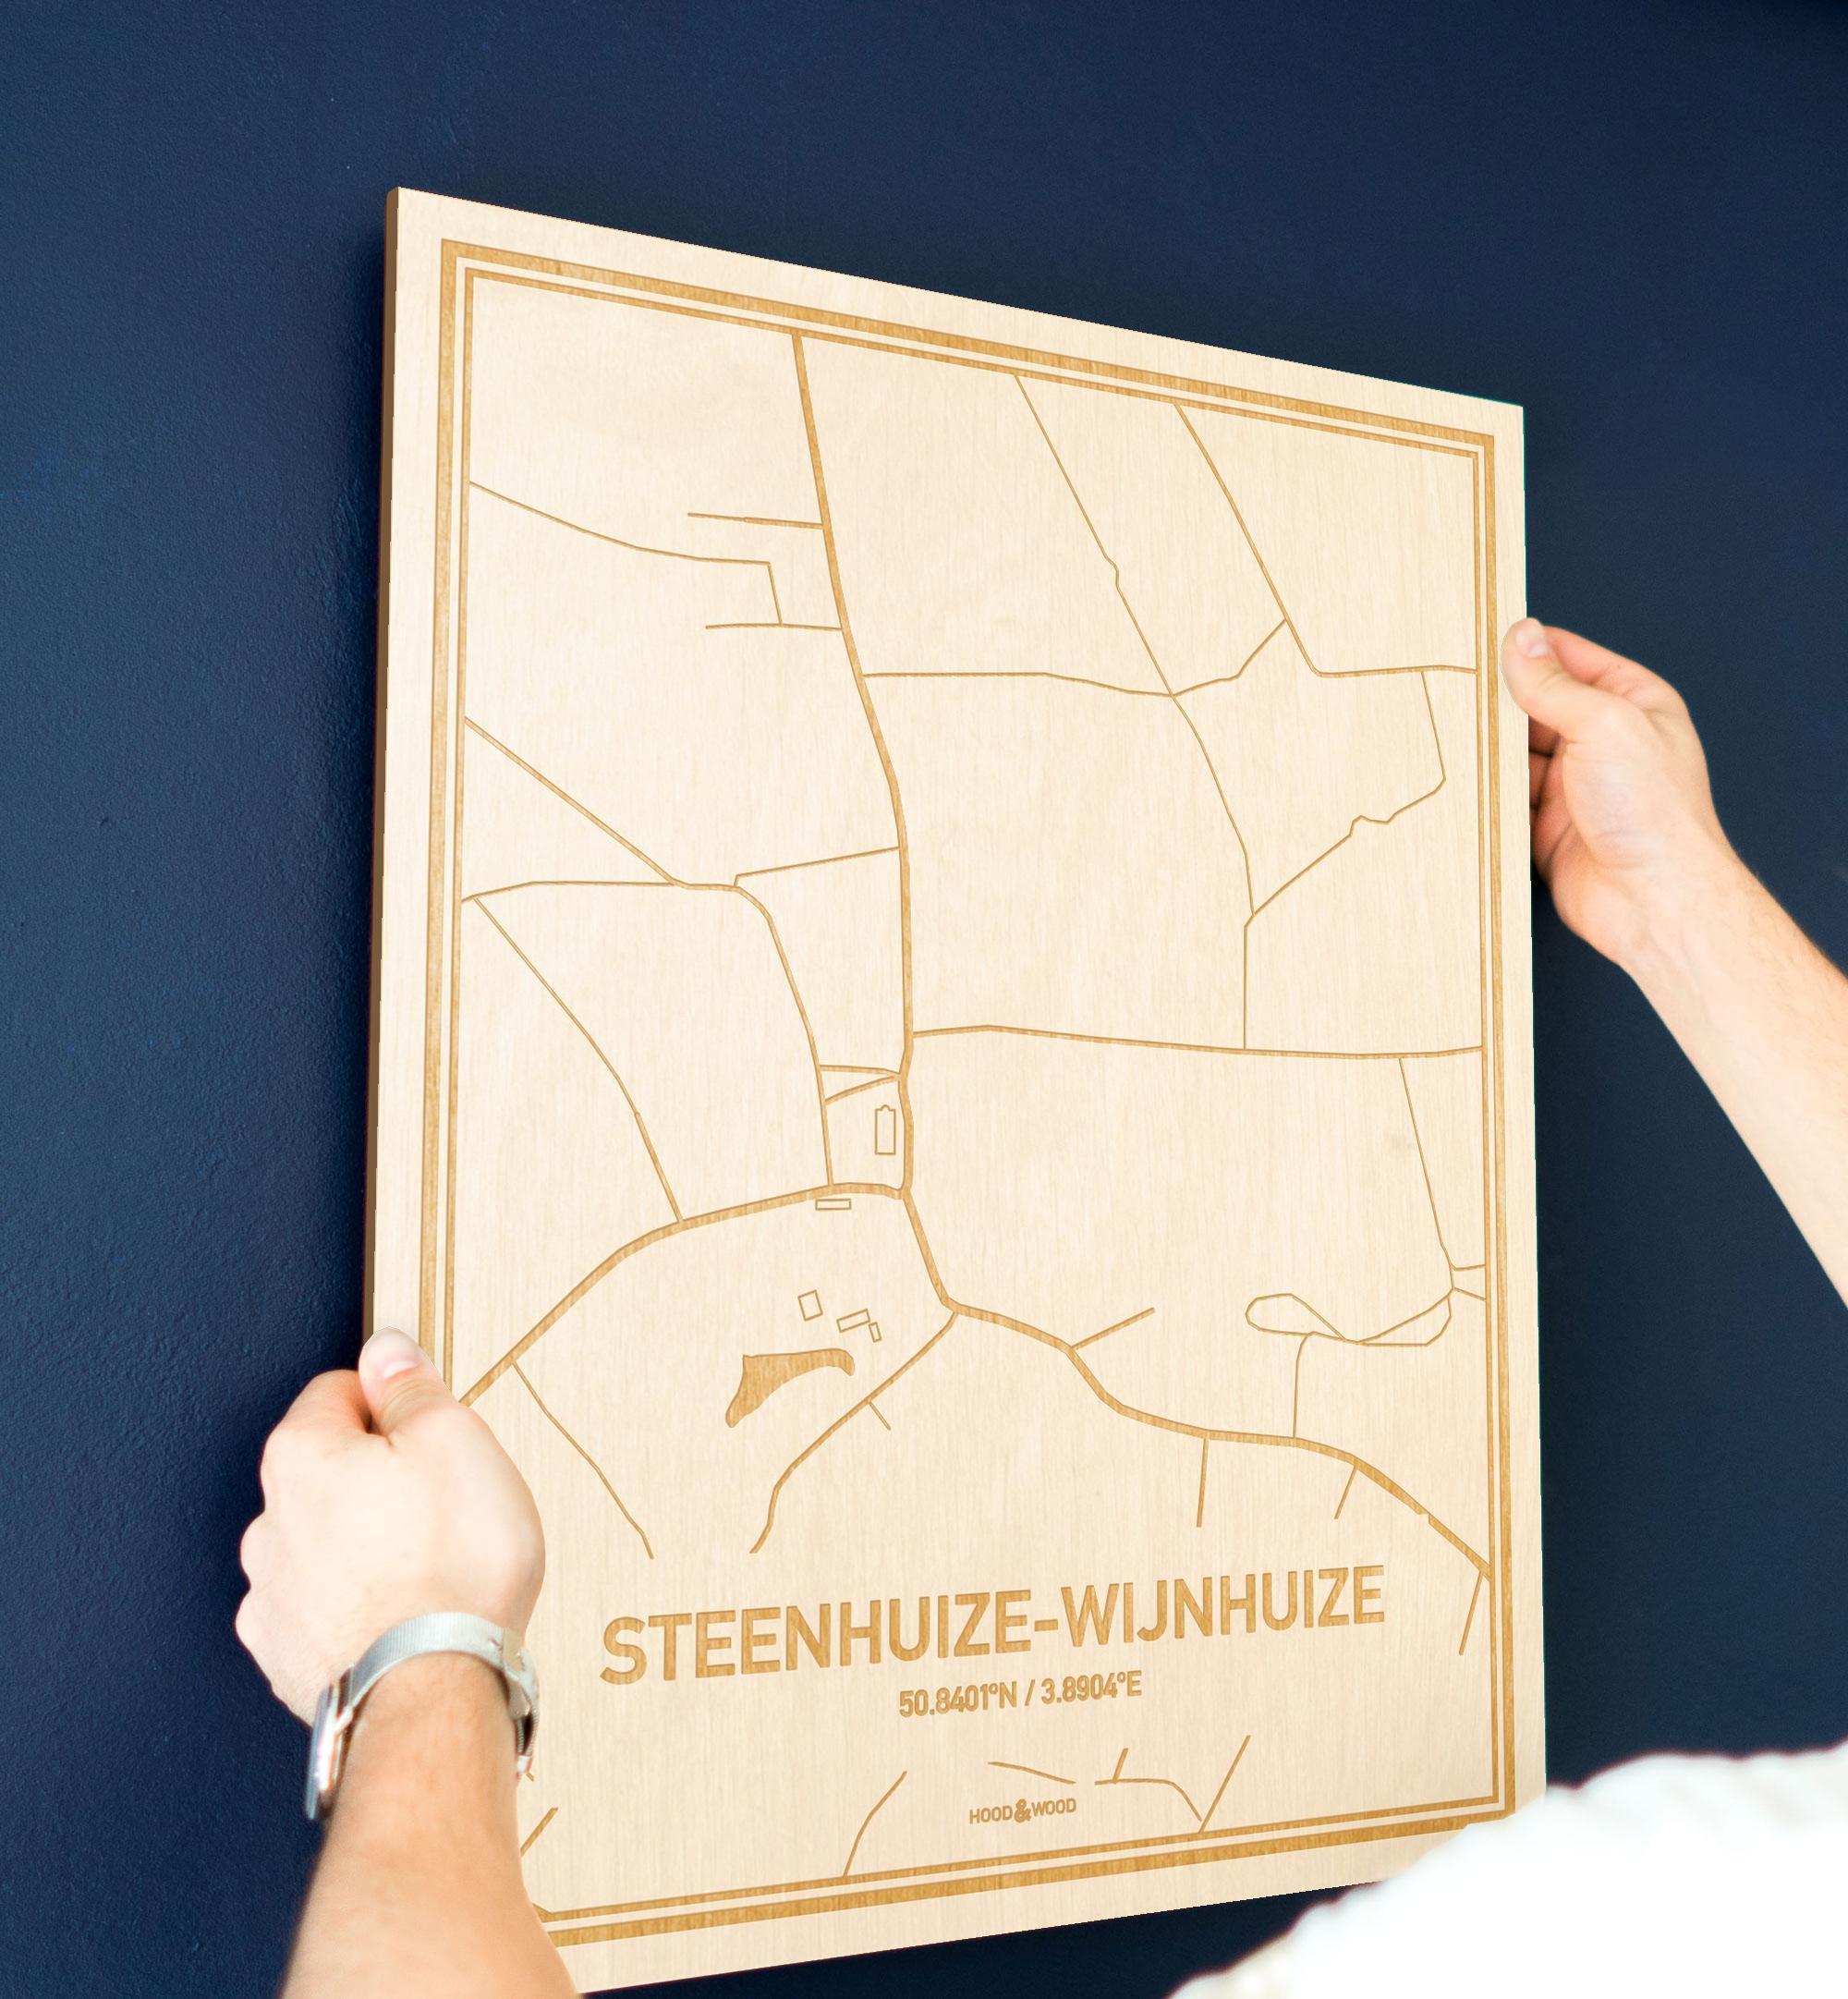 Een man hangt de houten plattegrond Steenhuize-Wijnhuize aan zijn blauwe muur ter decoratie. Je ziet alleen zijn handen de kaart van deze speciale in Oost-Vlaanderen  vasthouden.